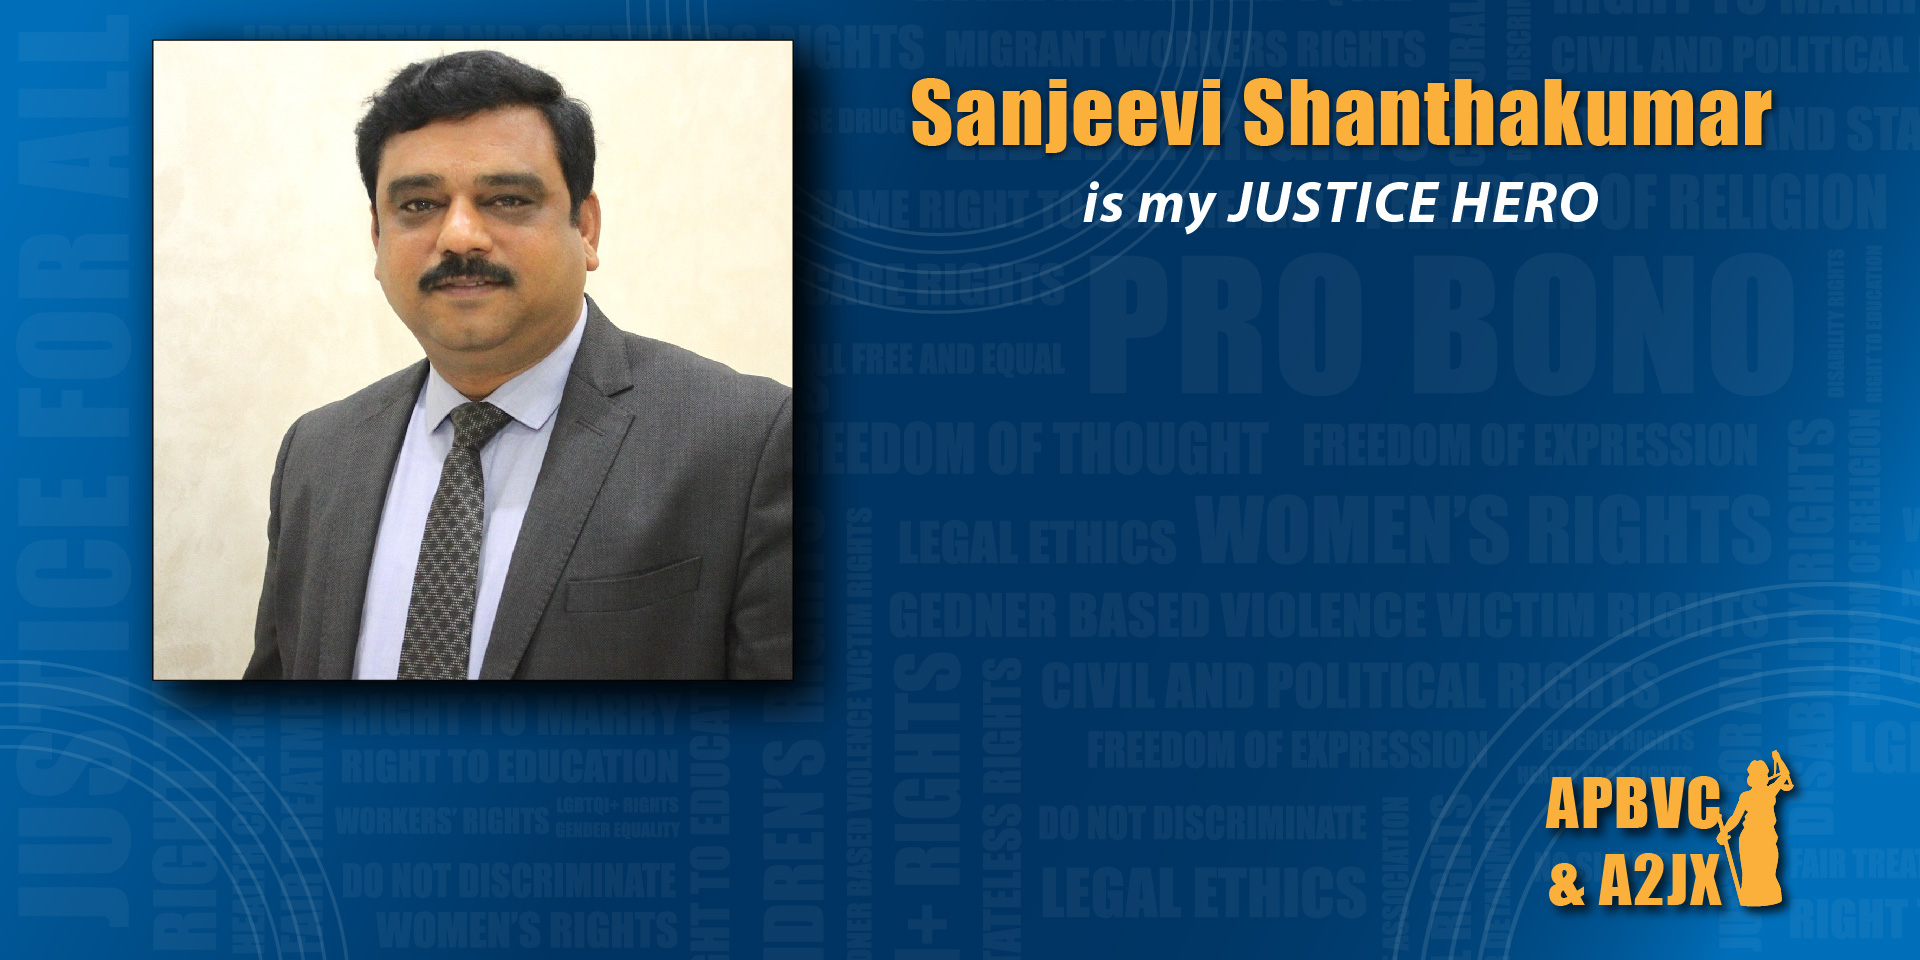 Sanjeevi Shanthakumar